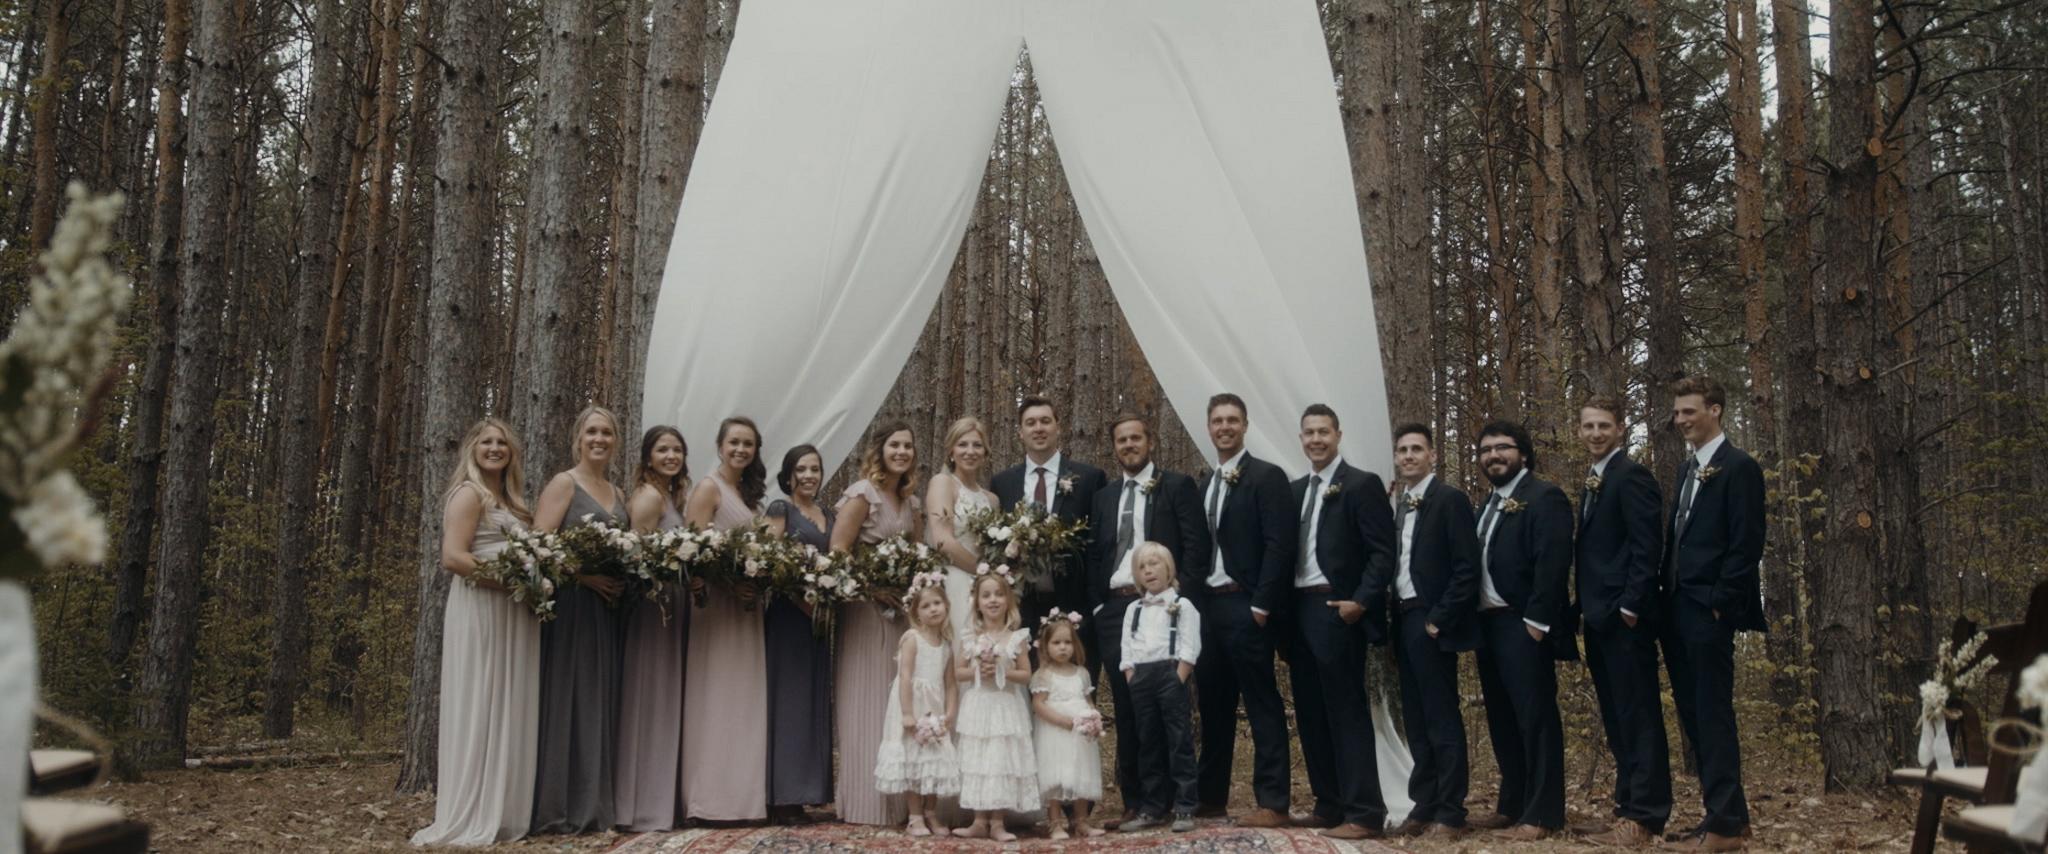 HAVENS_Wedding_Film.00_04_23_13.Still052.jpg